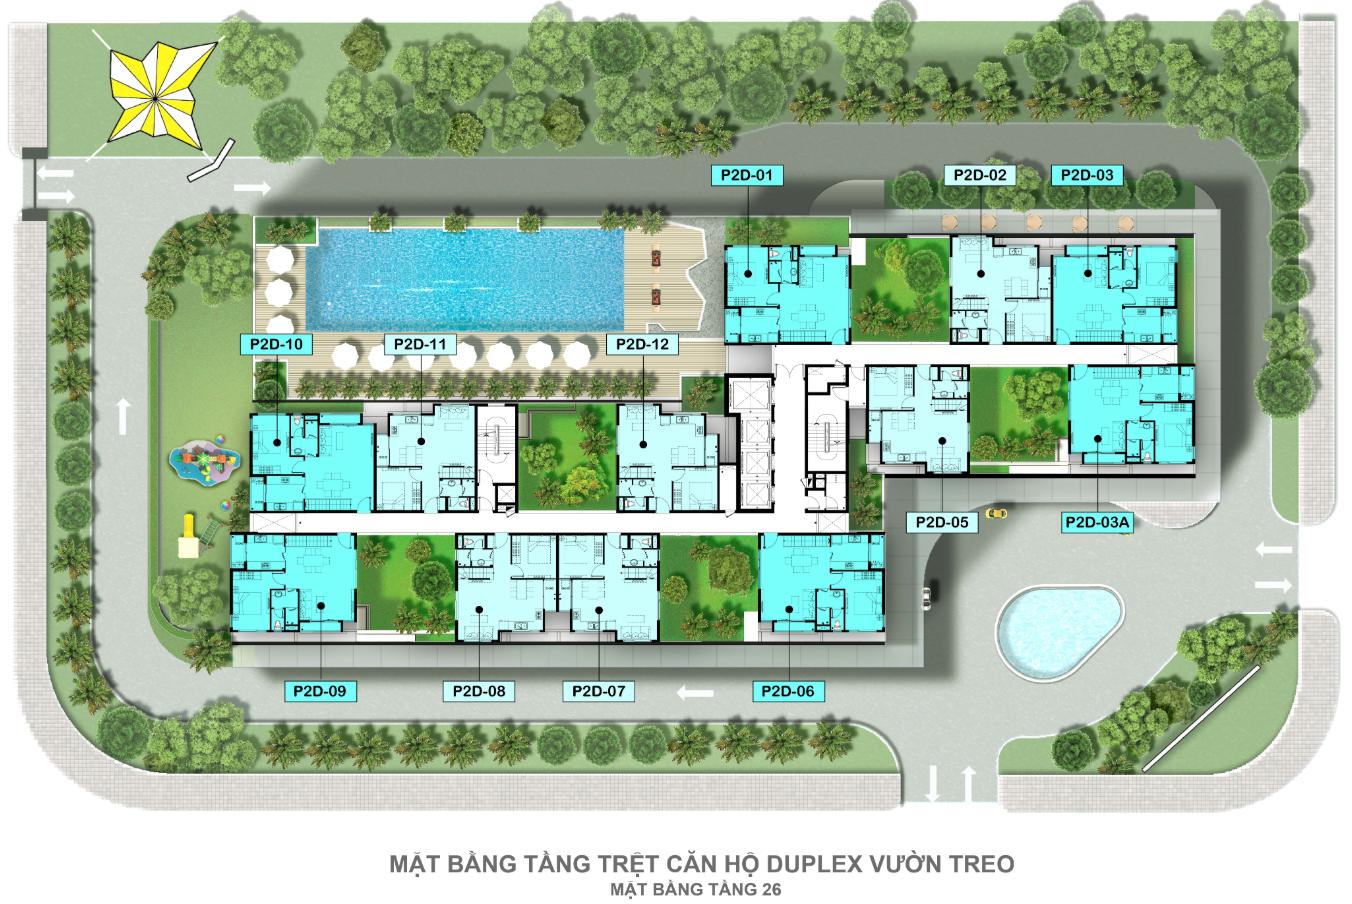 Mat Bang Can Ho Can Ho Duplex Vuon Treo